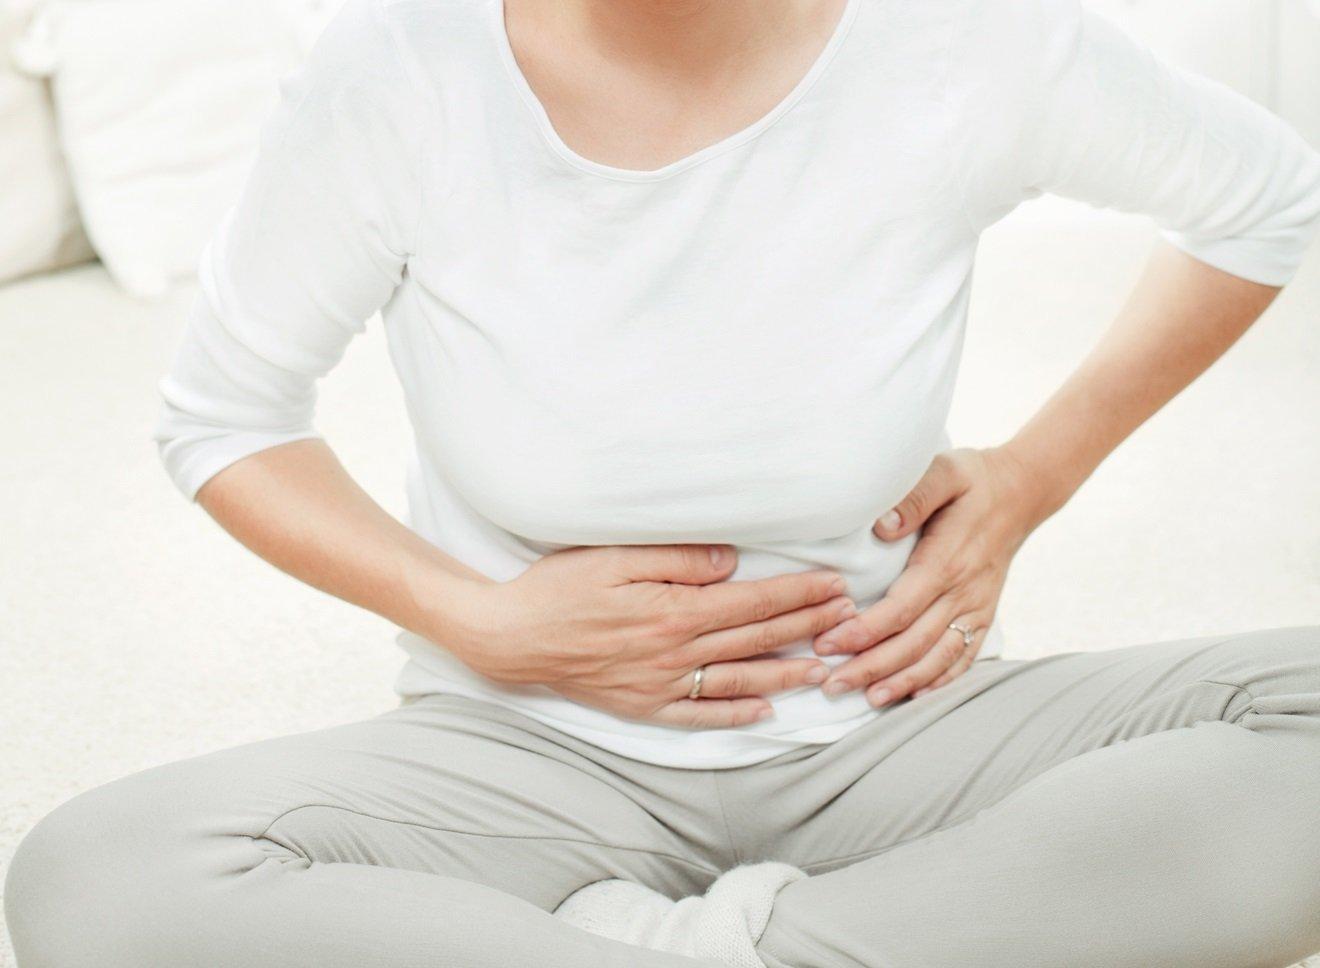 Des antidouleurs pour soulager une ovulation douloureuse